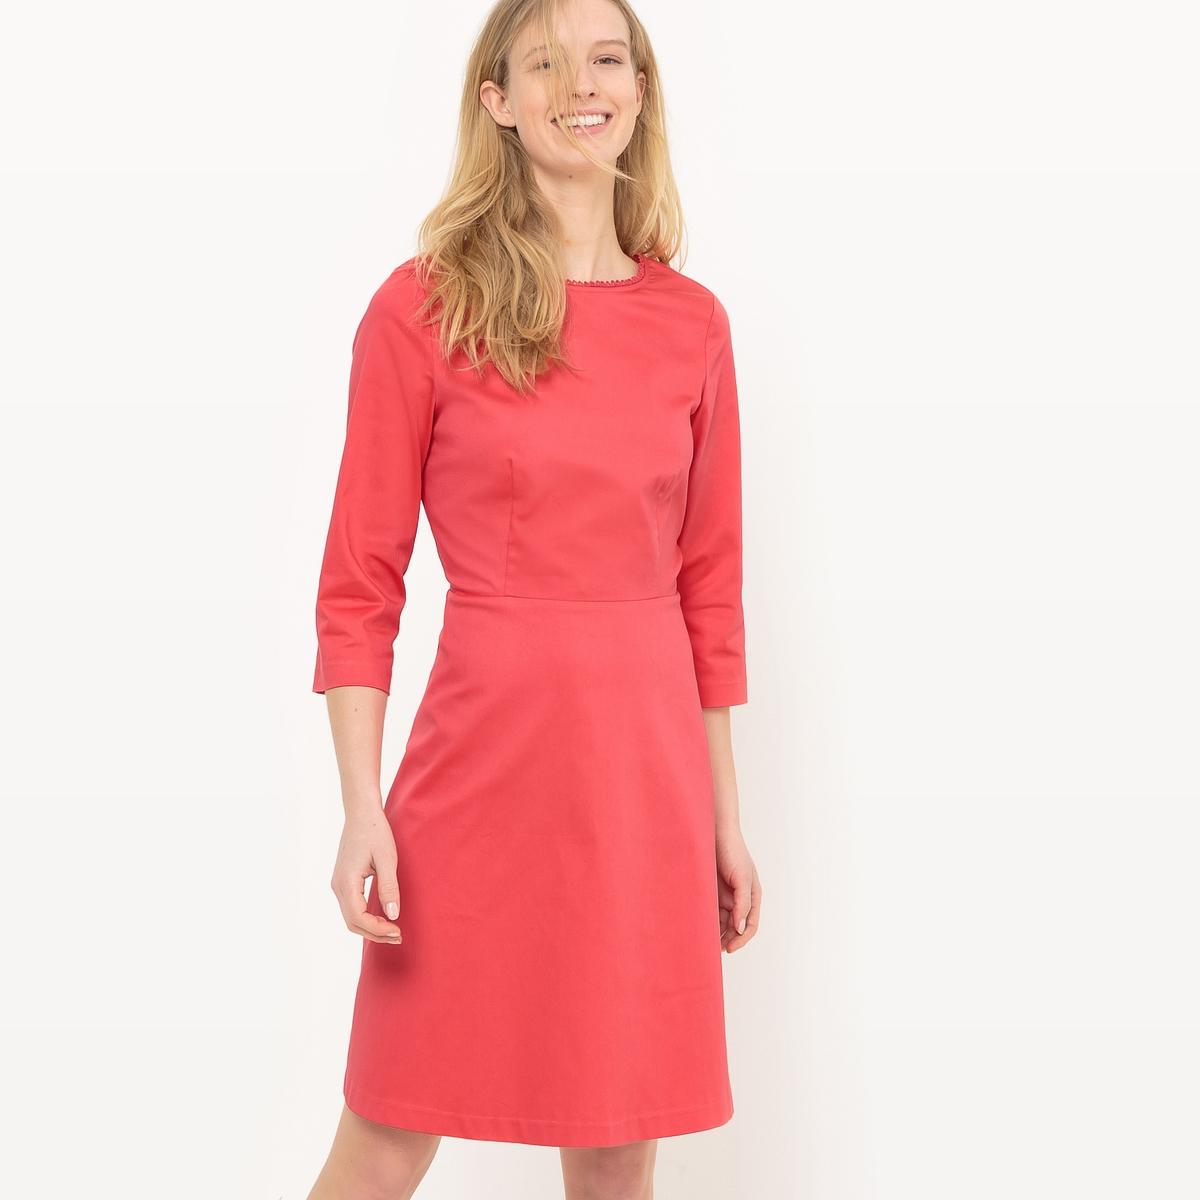 Платье с глубоким вырезом сзадиМатериал : 98% хлопка, 2% эластана                   Длина рукава : рукава 3/4                   Форма воротника : круглый вырез                  Покрой платья : расклешенное платье                  Рисунок : однотонная модель                   Особенность платья : глубокий вырез сзади                  Длина платья : 92 см                  Стирка : машинная стирка при 30 °С                  Уход : сухая чистка и отбеливание запрещены                  Машинная сушка : запрещена                  Глажка : при низкой температуре<br><br>Цвет: бирюзовый,розовый коралловый<br>Размер: 42 (FR) - 48 (RUS).46 (FR) - 52 (RUS).40 (FR) - 46 (RUS)